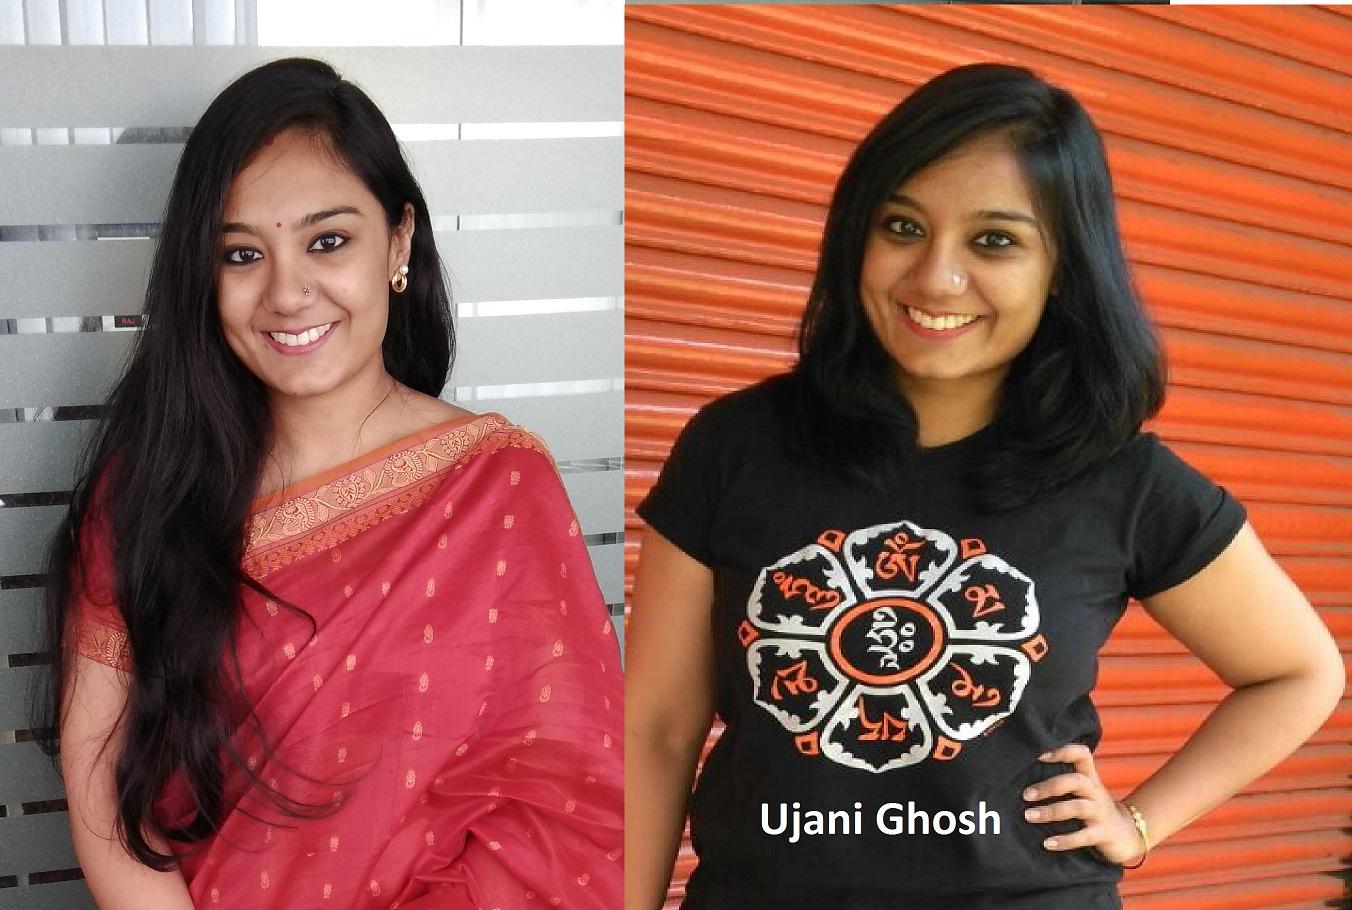 Ujani Ghosh